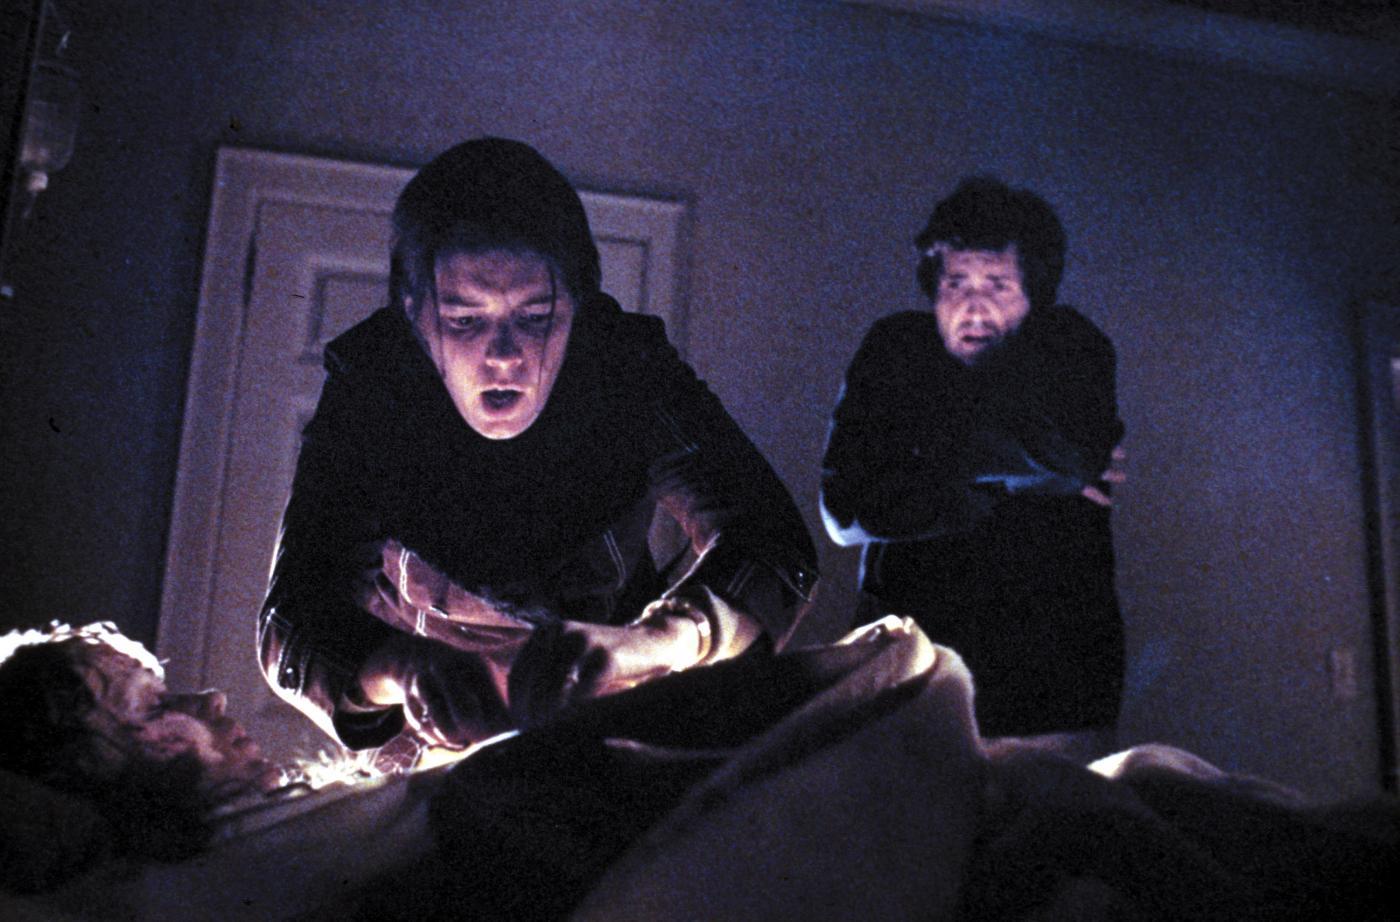 storie-esorcismo-spaventose (4)